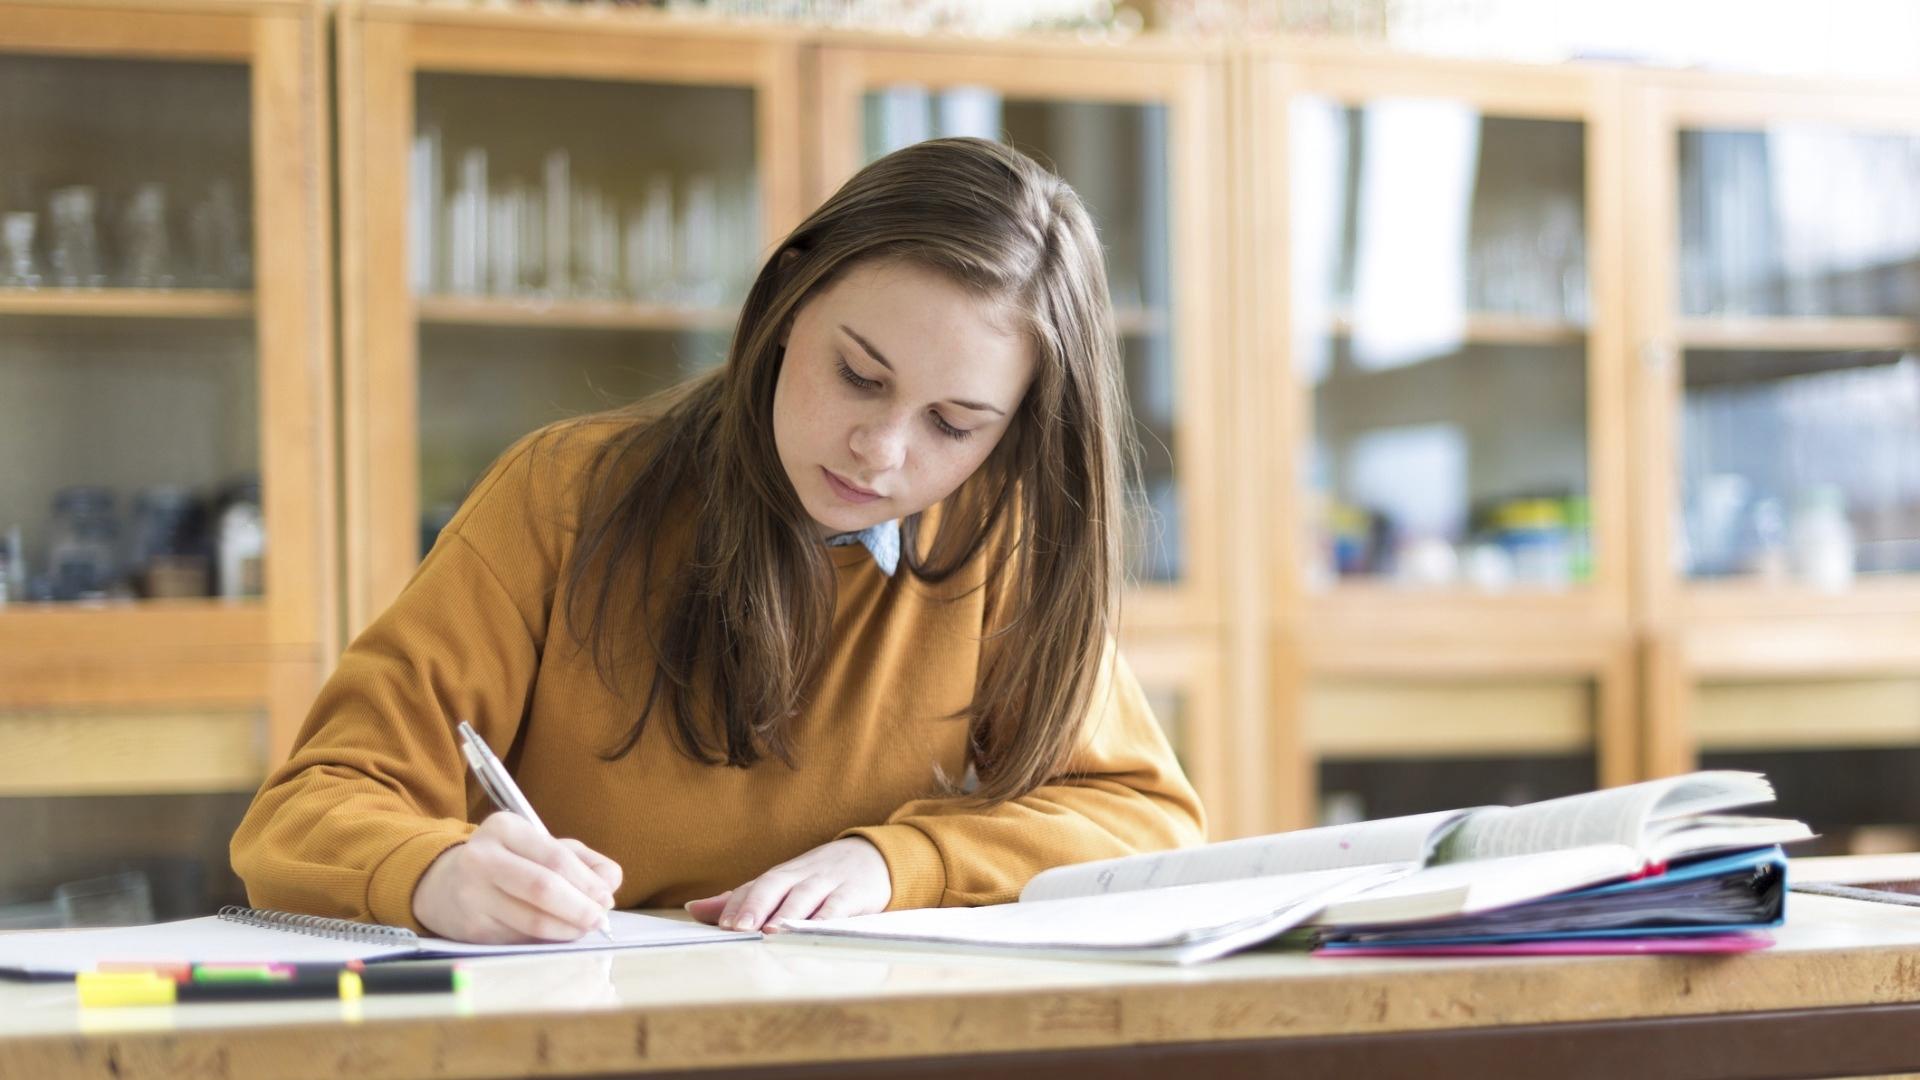 Koronakevät on tuonut valtavasti epävarmuutta opiskelemaan pyrkiville nuorille. Ensin uudistettiin korkeakoulujen valintakriteerit ja sen jälkeen odotettiin tietoa, millä tavoin pääsykokeet ylipäänsä järjestetään.